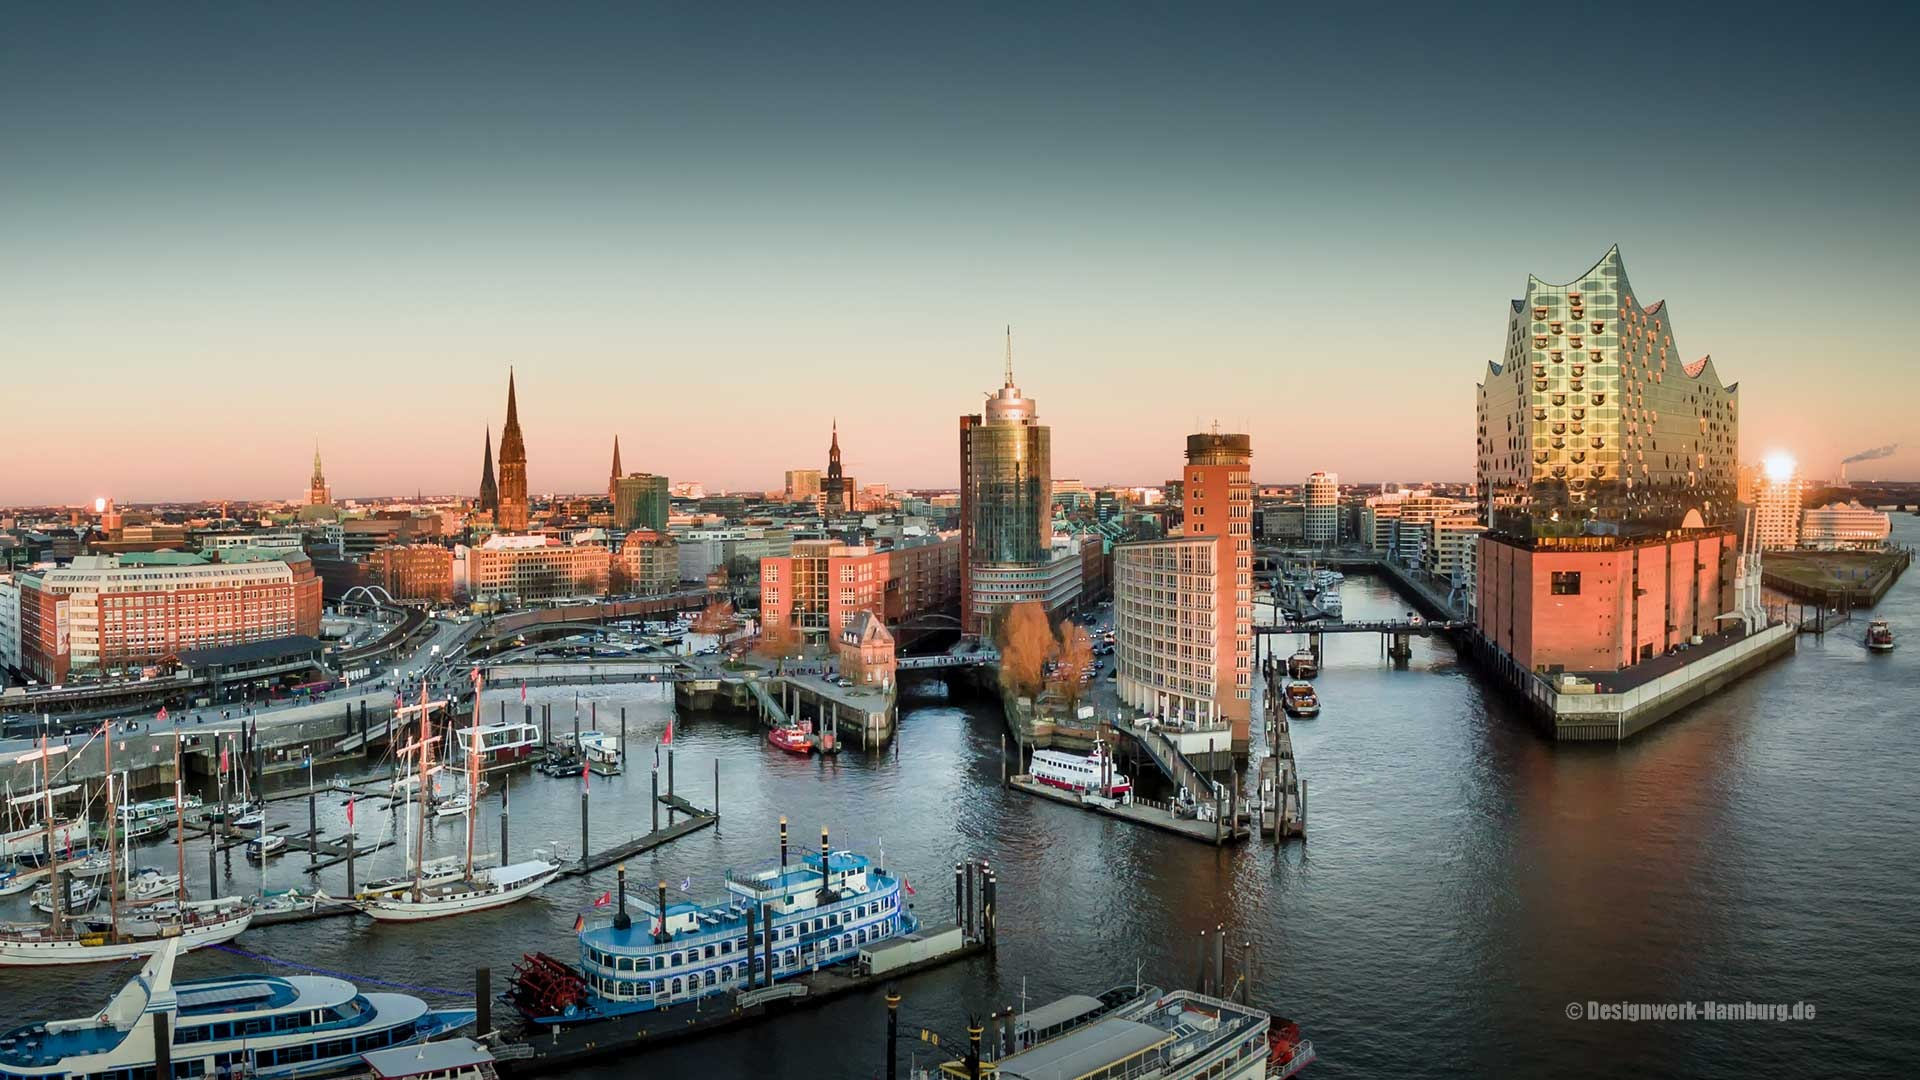 Abenddämmerung und Panorama Elbphilharmonie, Hafencity, Landungsbrücken, Michel